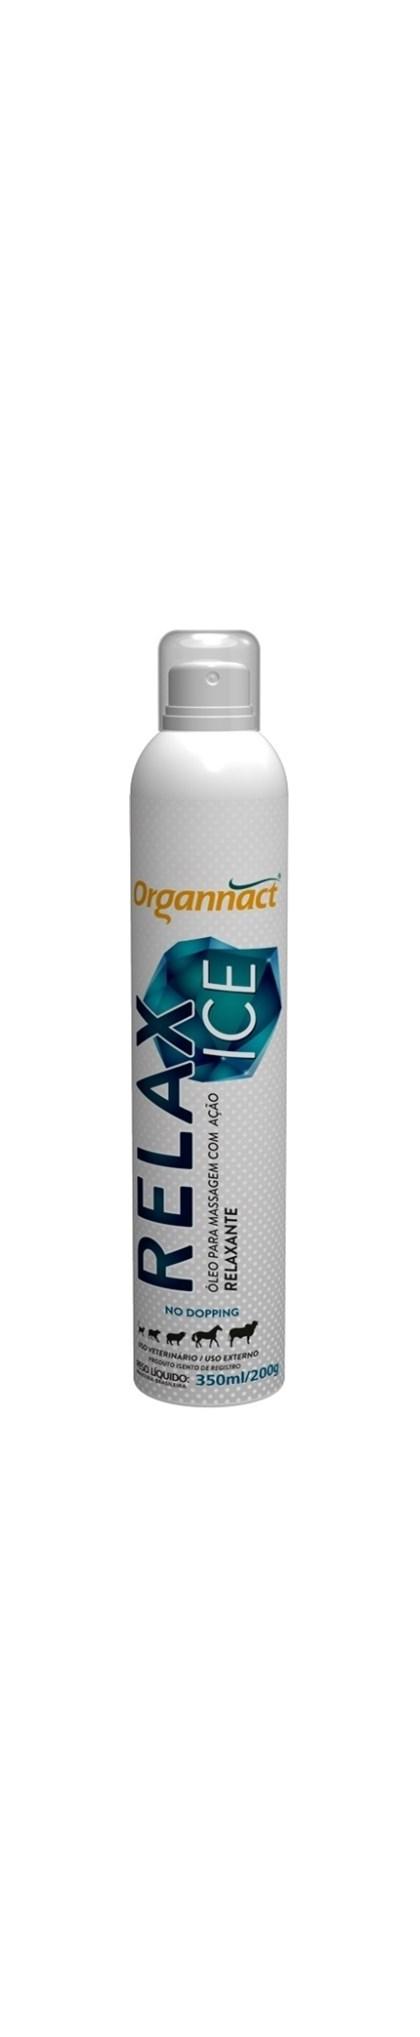 RELAX ICE 350 ML - ORGANNACT